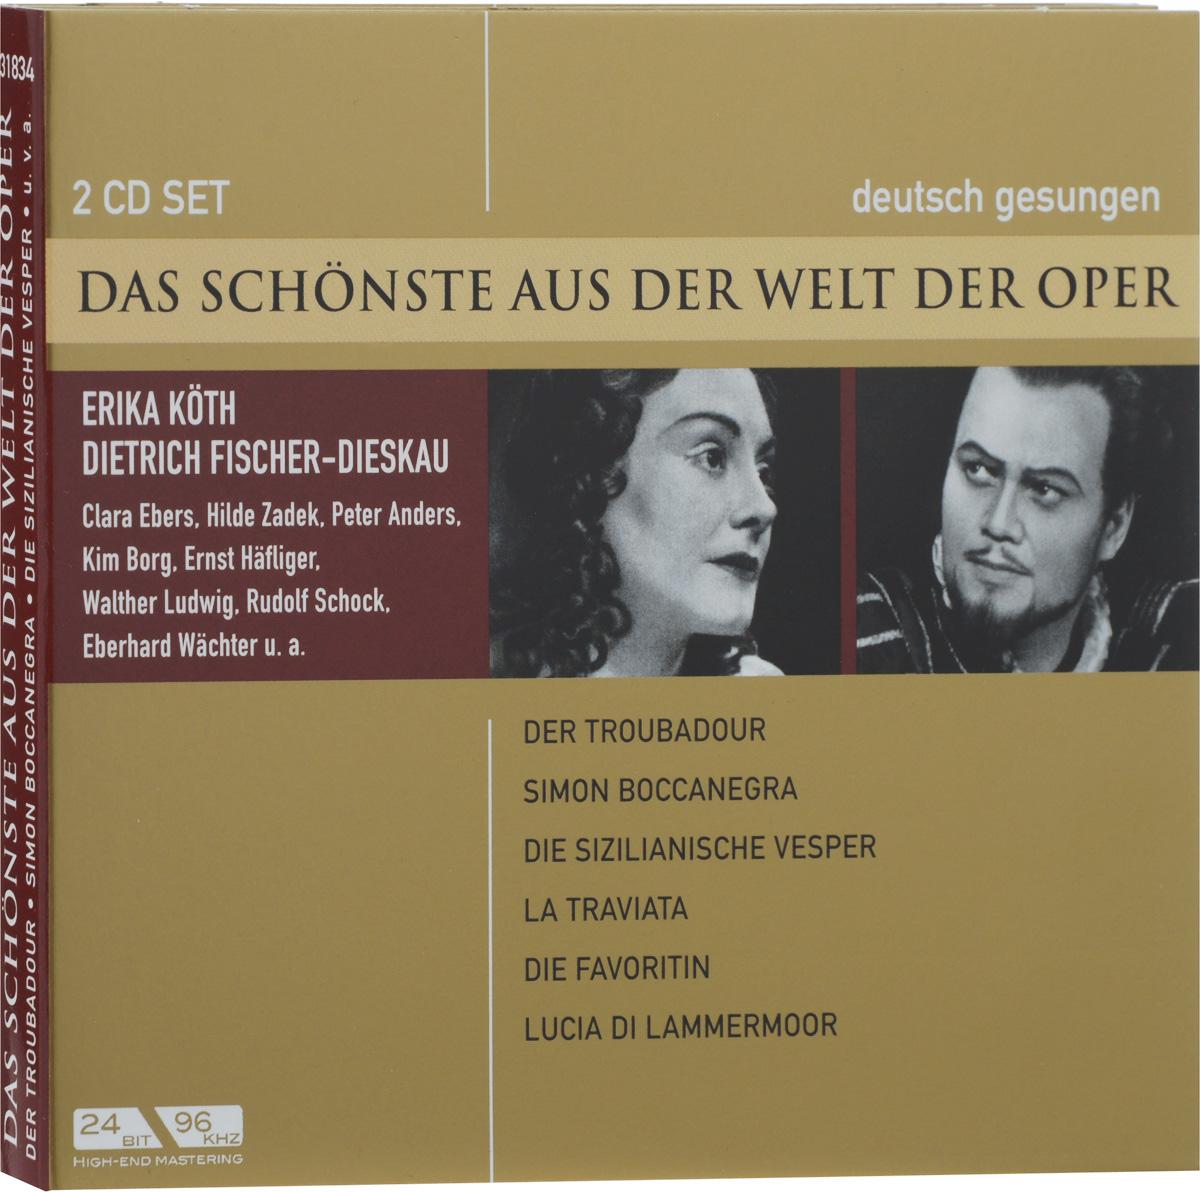 Эрика Кот,Дитрих Фишер-Дискау Das Schonste Aus Der Welt Der Oper. Koth / Fischer-Dieskau. Der Troubadour / Simon Boccanegra (2 CD) дитрих фишер дискау кристоф эшенбах dietrich fischer dieskau schumann lieder 6 cd